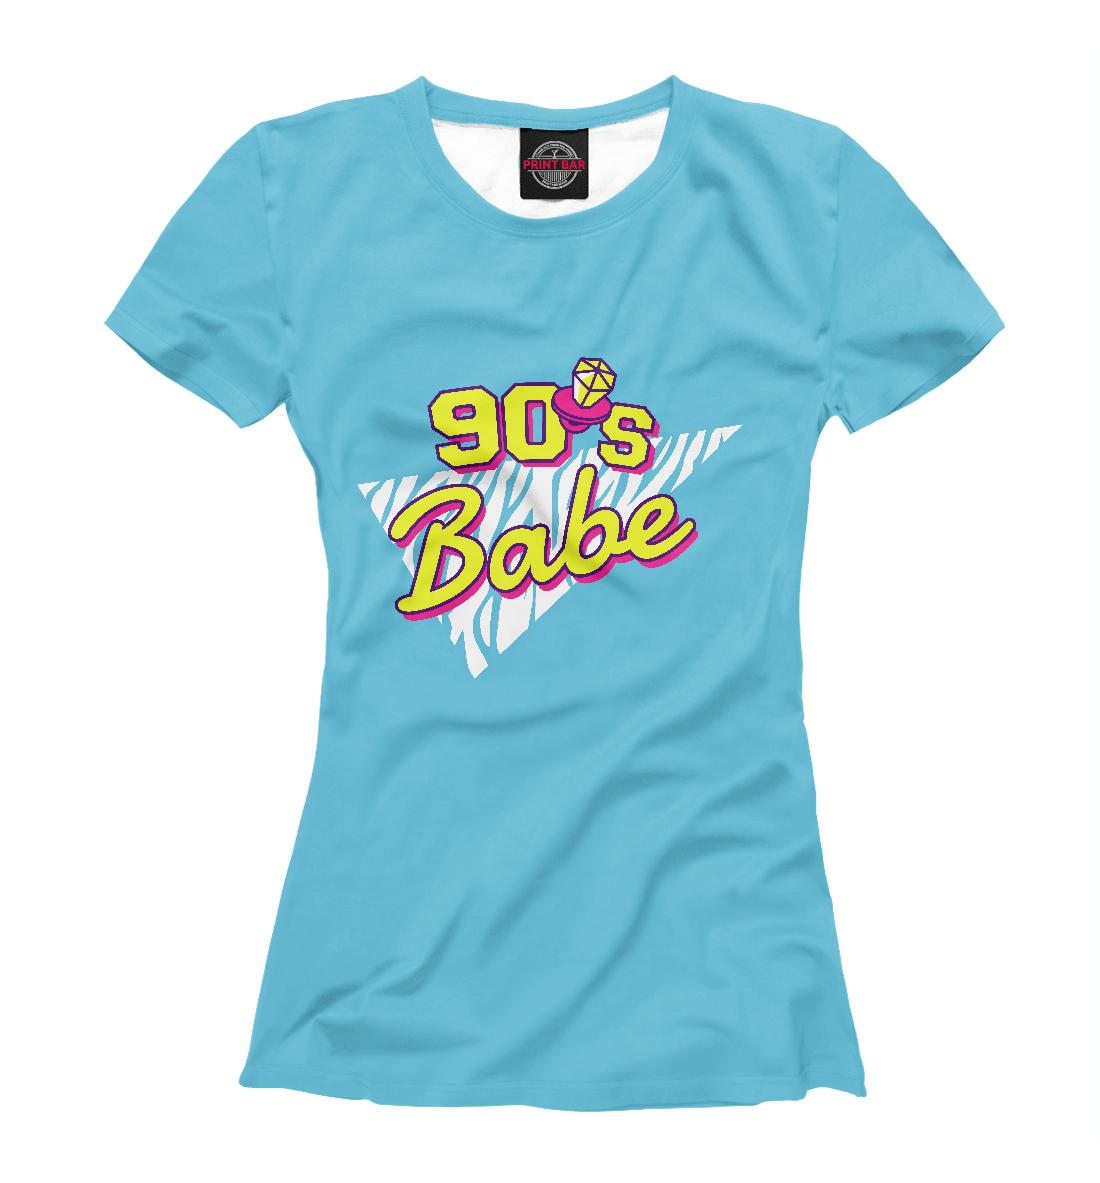 babe 90s Babe